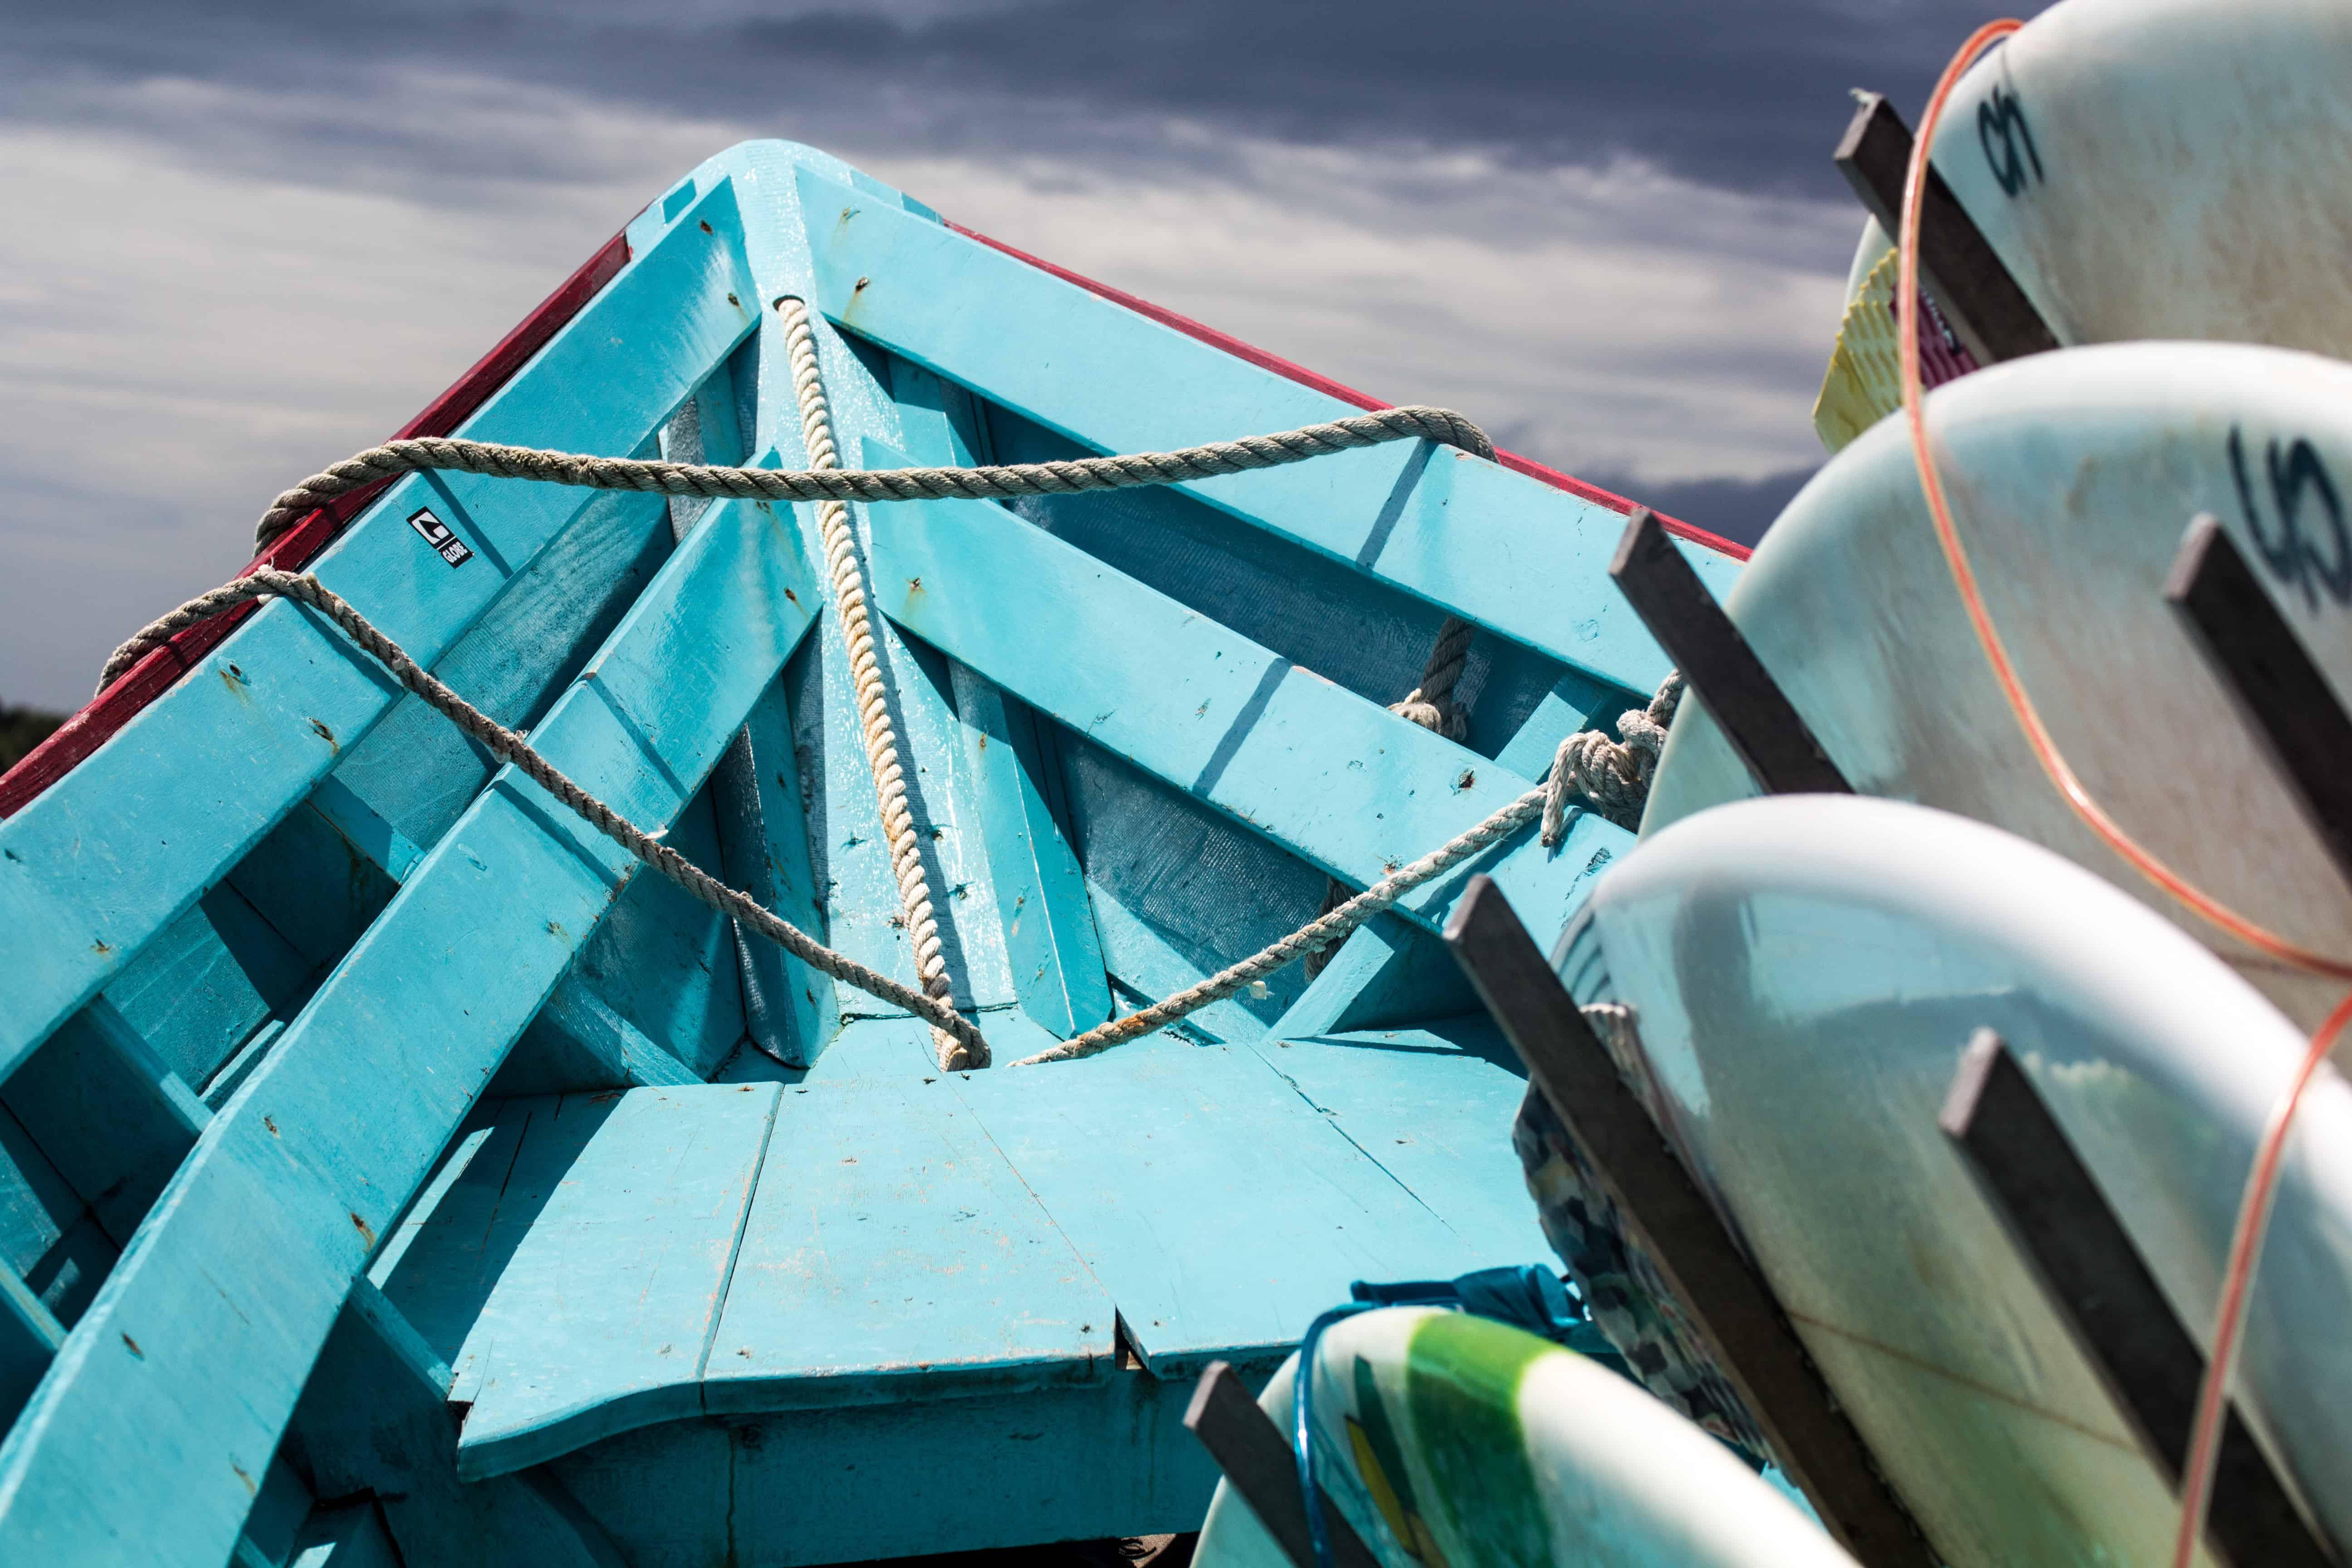 Boat trip to amusement park.